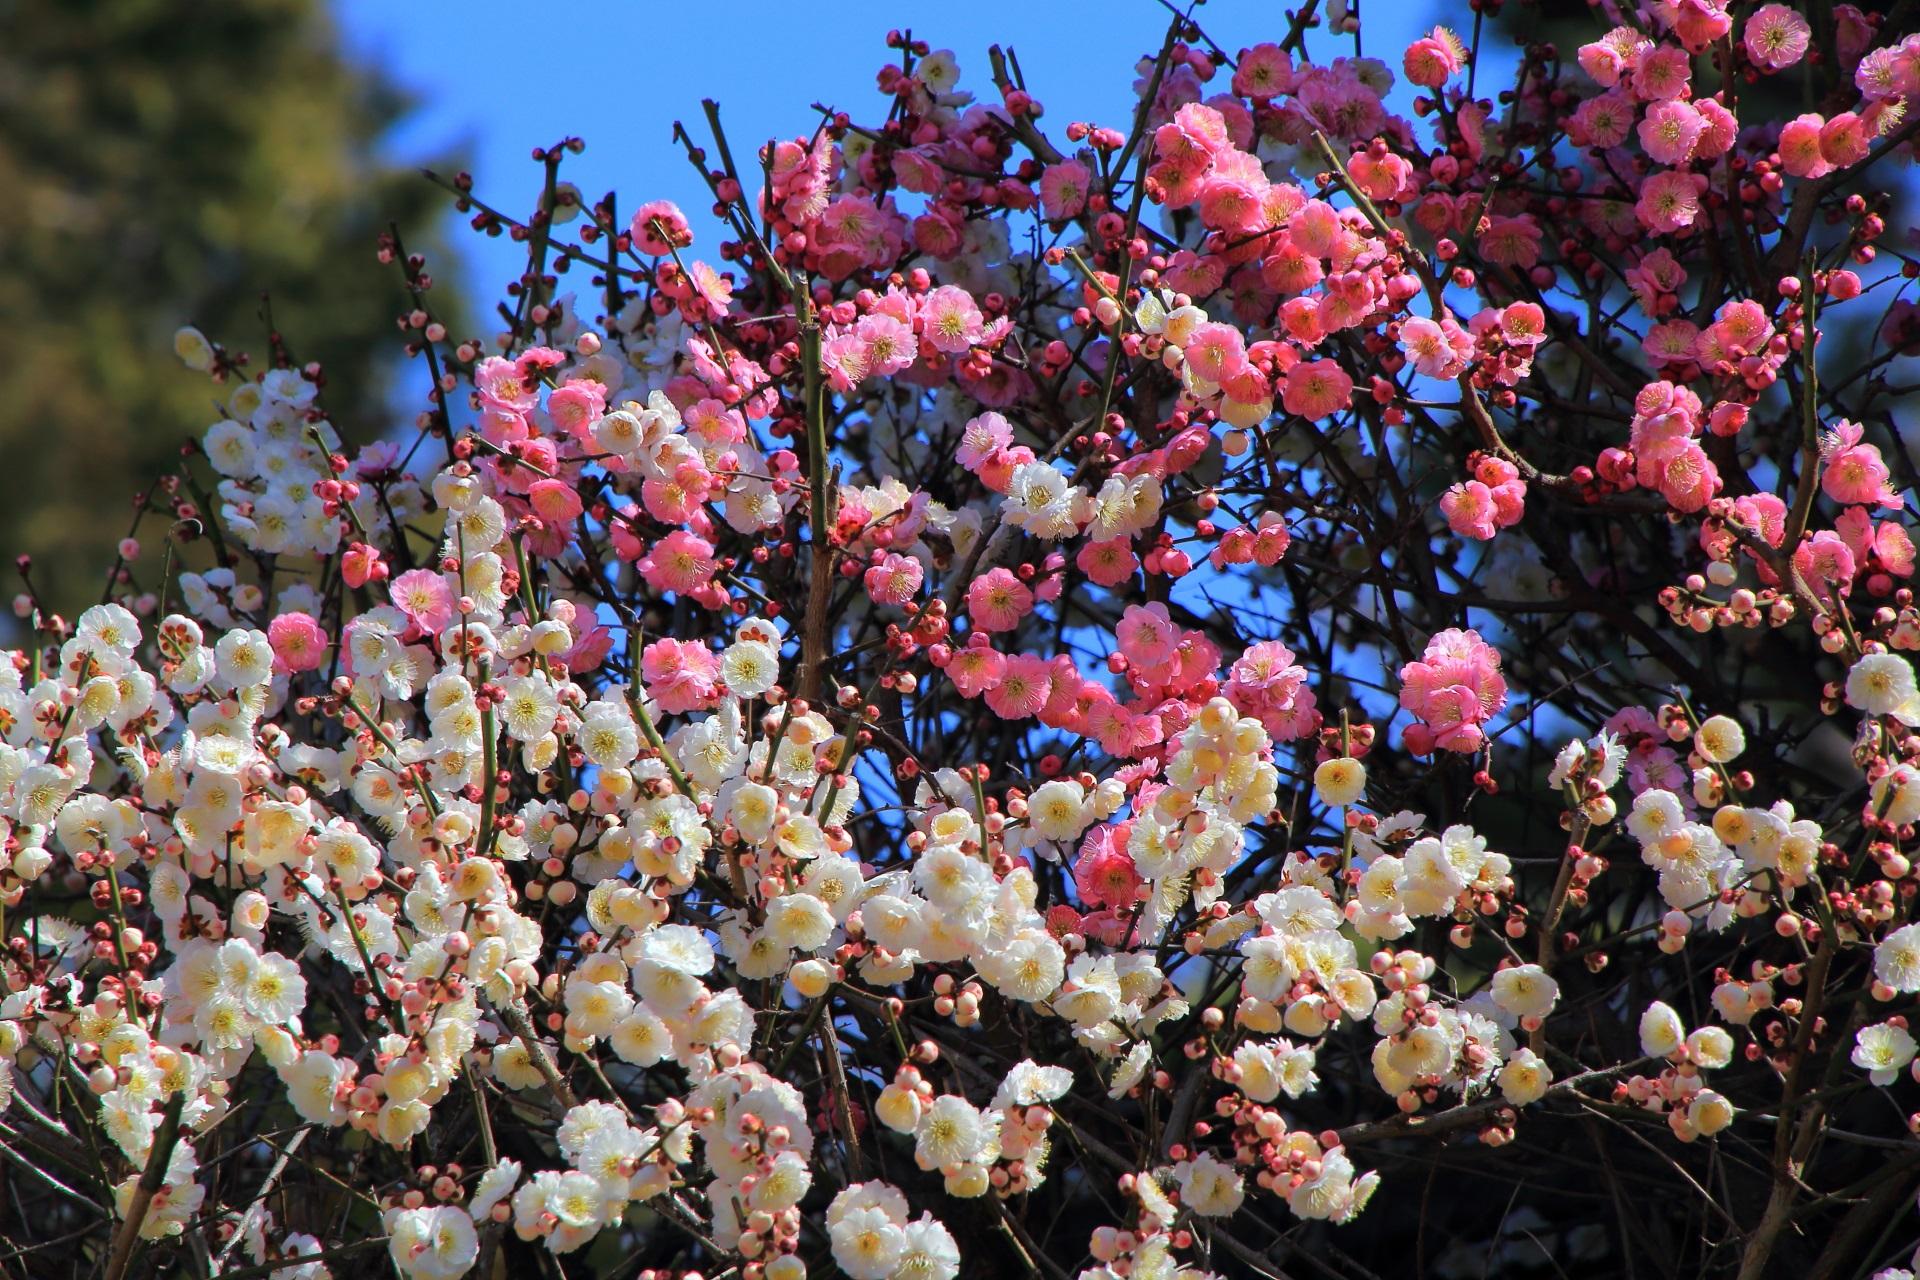 華やかな色合いの紅白の梅